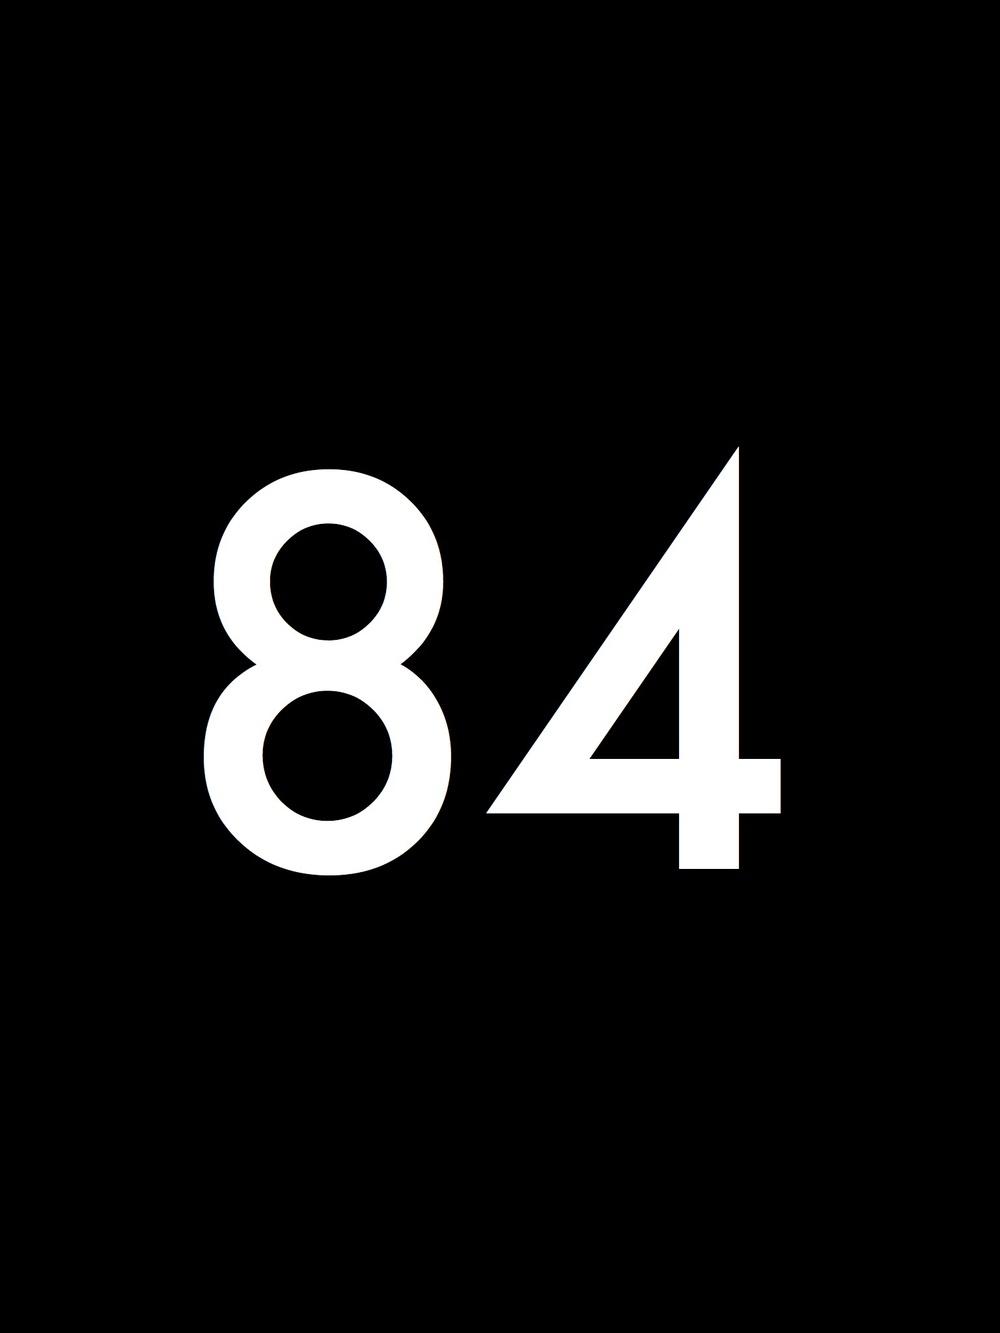 Black_Number.084.jpg